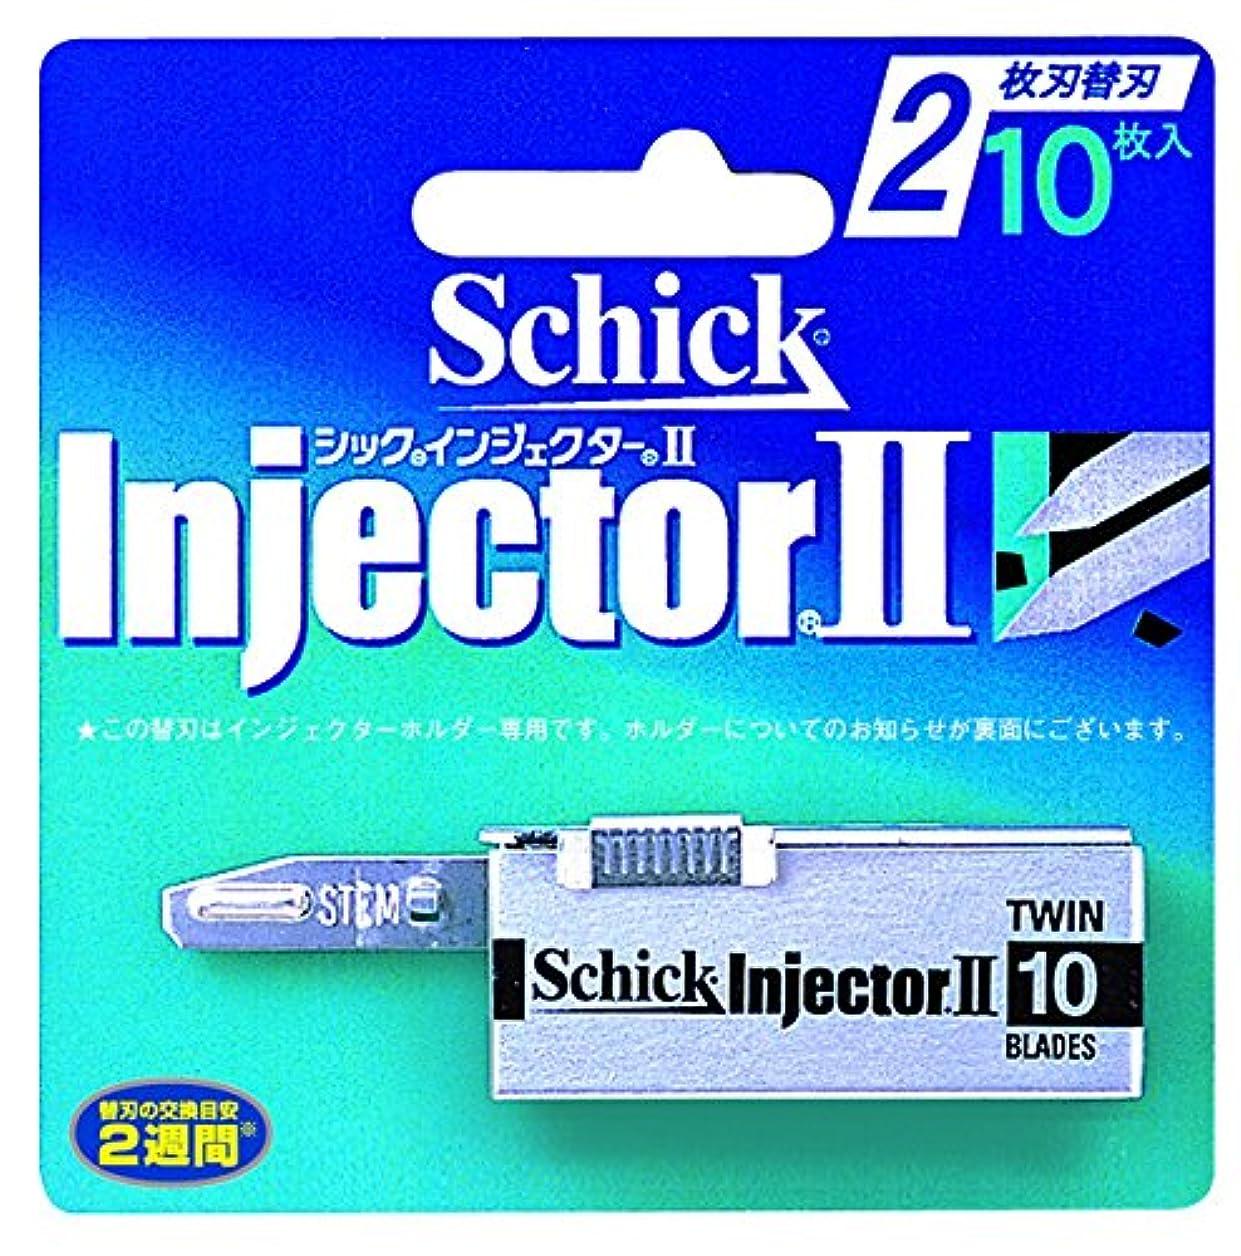 引き算きらめき用心シック インジェクターII替刃(10枚入り)